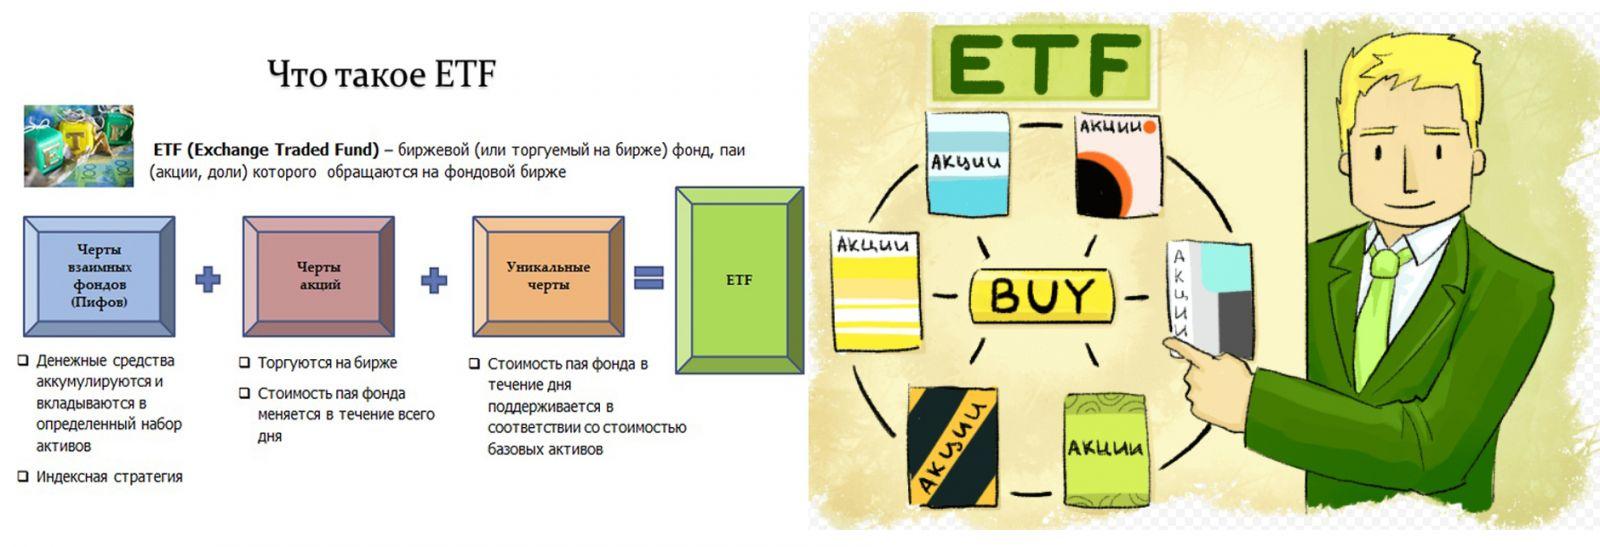 Понятие ETF